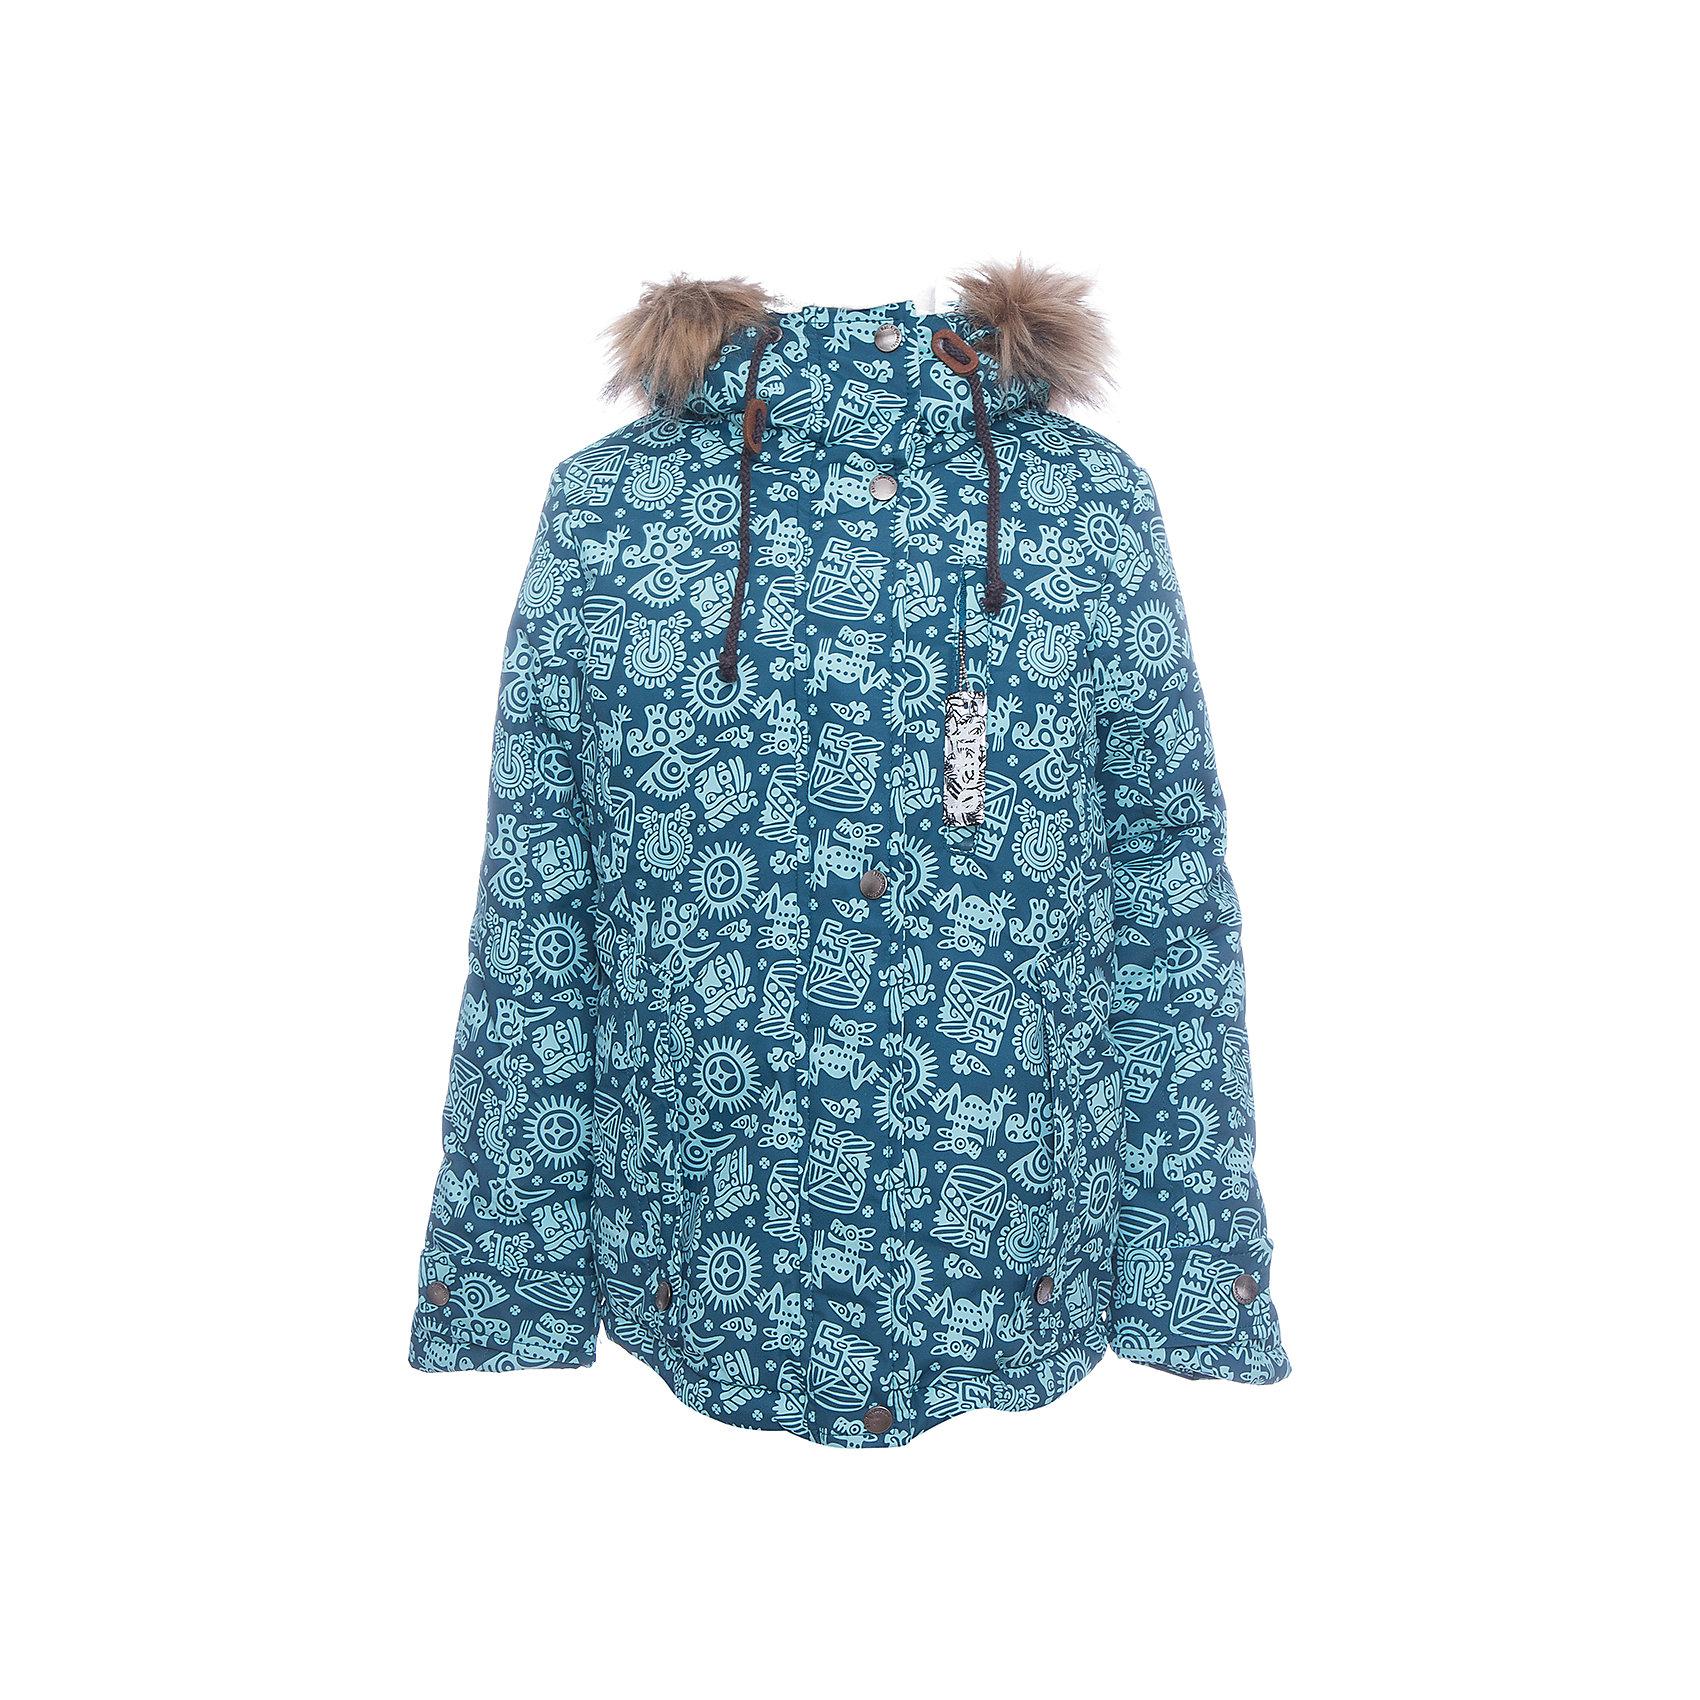 Куртка Мэй Batik для девочкиВерхняя одежда<br>Характеристики товара:<br><br>• цвет: бирюзовый<br>• состав ткани: таслан<br>• подкладка: поларфлис<br>• утеплитель: слайтекс<br>• сезон: зима<br>• мембранное покрытие<br>• температурный режим: от -30 до 0<br>• водонепроницаемость: 5000 мм <br>• паропроницаемость: 5000 г/м2<br>• плотность утеплителя: 300 г/м2<br>• застежка: молния<br>• капюшон: с мехом<br>• наушники в комплекте<br>• страна бренда: Россия<br>• страна изготовитель: Россия<br><br>Модная куртка Batik для девочки рассчитана даже на сильные морозы. Непромокаемый и непродуваемый верх детской куртки не задерживает воздух. Детская куртка от бренда Batik теплая и легкая. Мембранная зимняя куртка для ребенка отличается продуманным дизайном. <br><br>Куртку Мэй Batik (Батик) для девочки можно купить в нашем интернет-магазине.<br><br>Ширина мм: 356<br>Глубина мм: 10<br>Высота мм: 245<br>Вес г: 519<br>Цвет: бирюзовый<br>Возраст от месяцев: 156<br>Возраст до месяцев: 168<br>Пол: Женский<br>Возраст: Детский<br>Размер: 164,134,140,146,152,158<br>SKU: 7028238